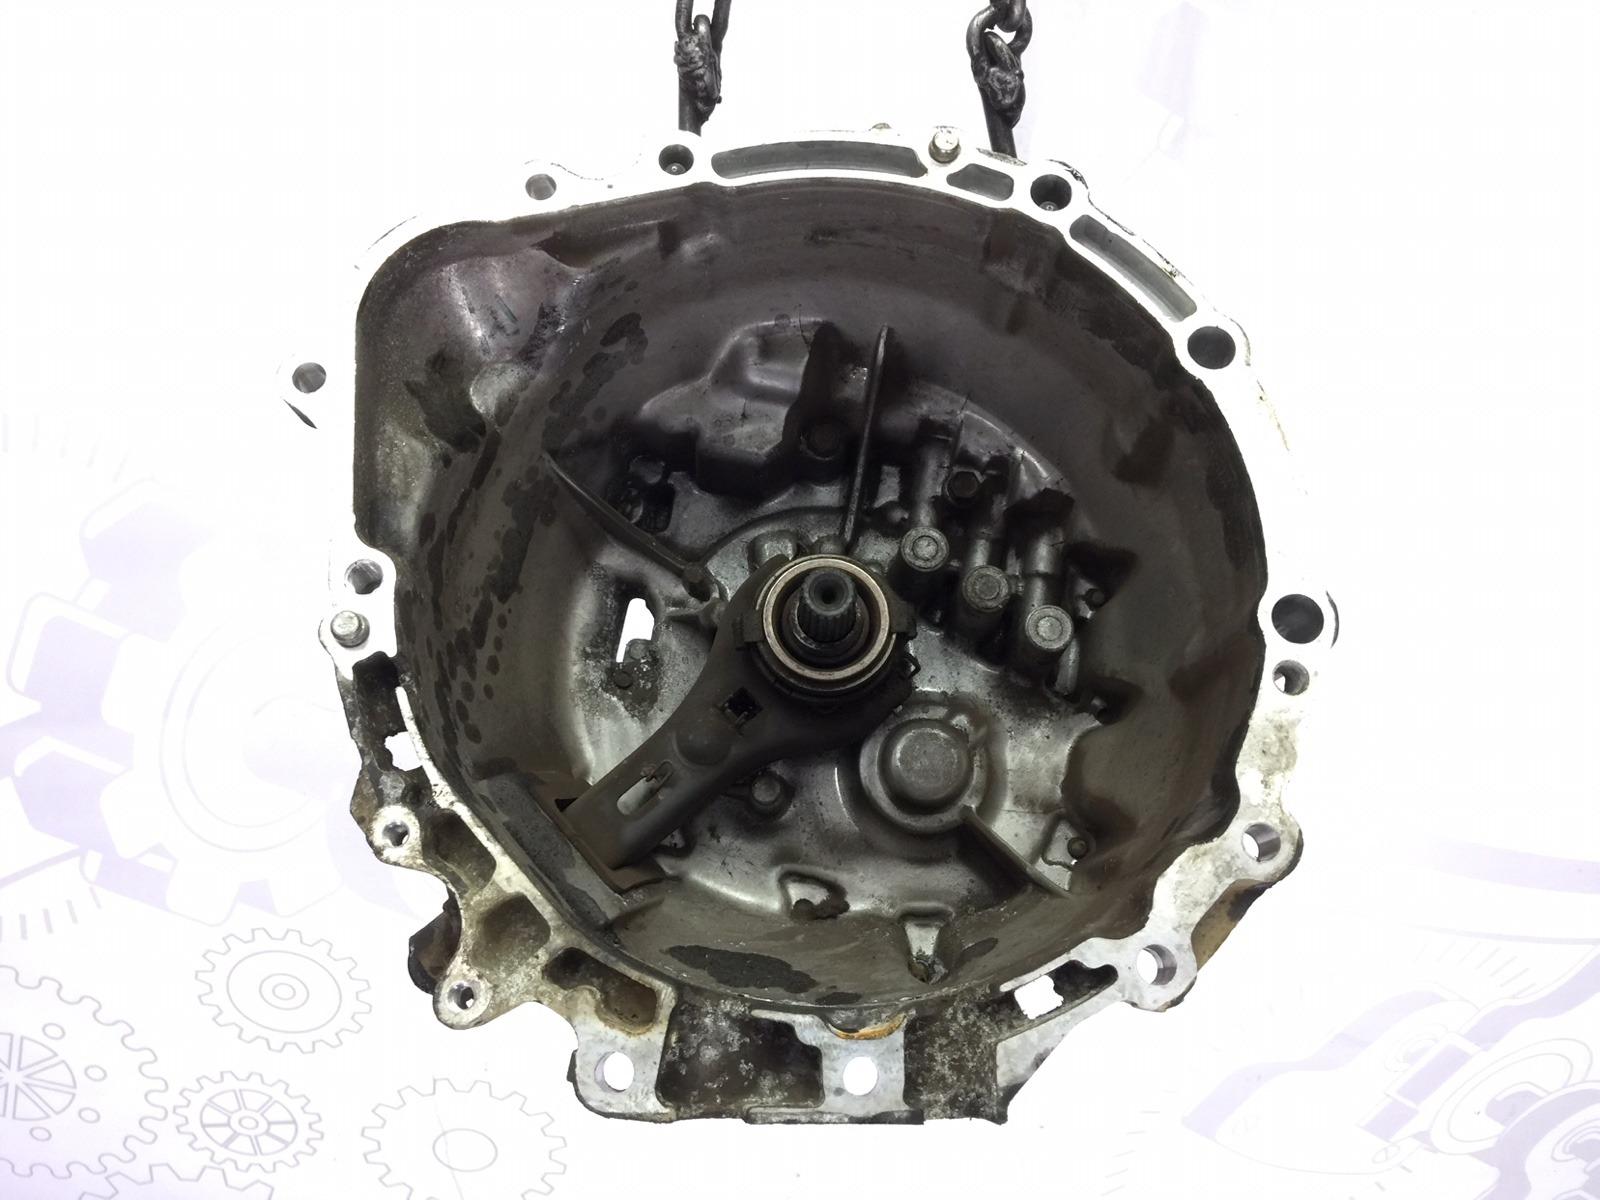 Кпп механическая (мкпп) Daihatsu Terios 1.3 I 2005 (б/у)